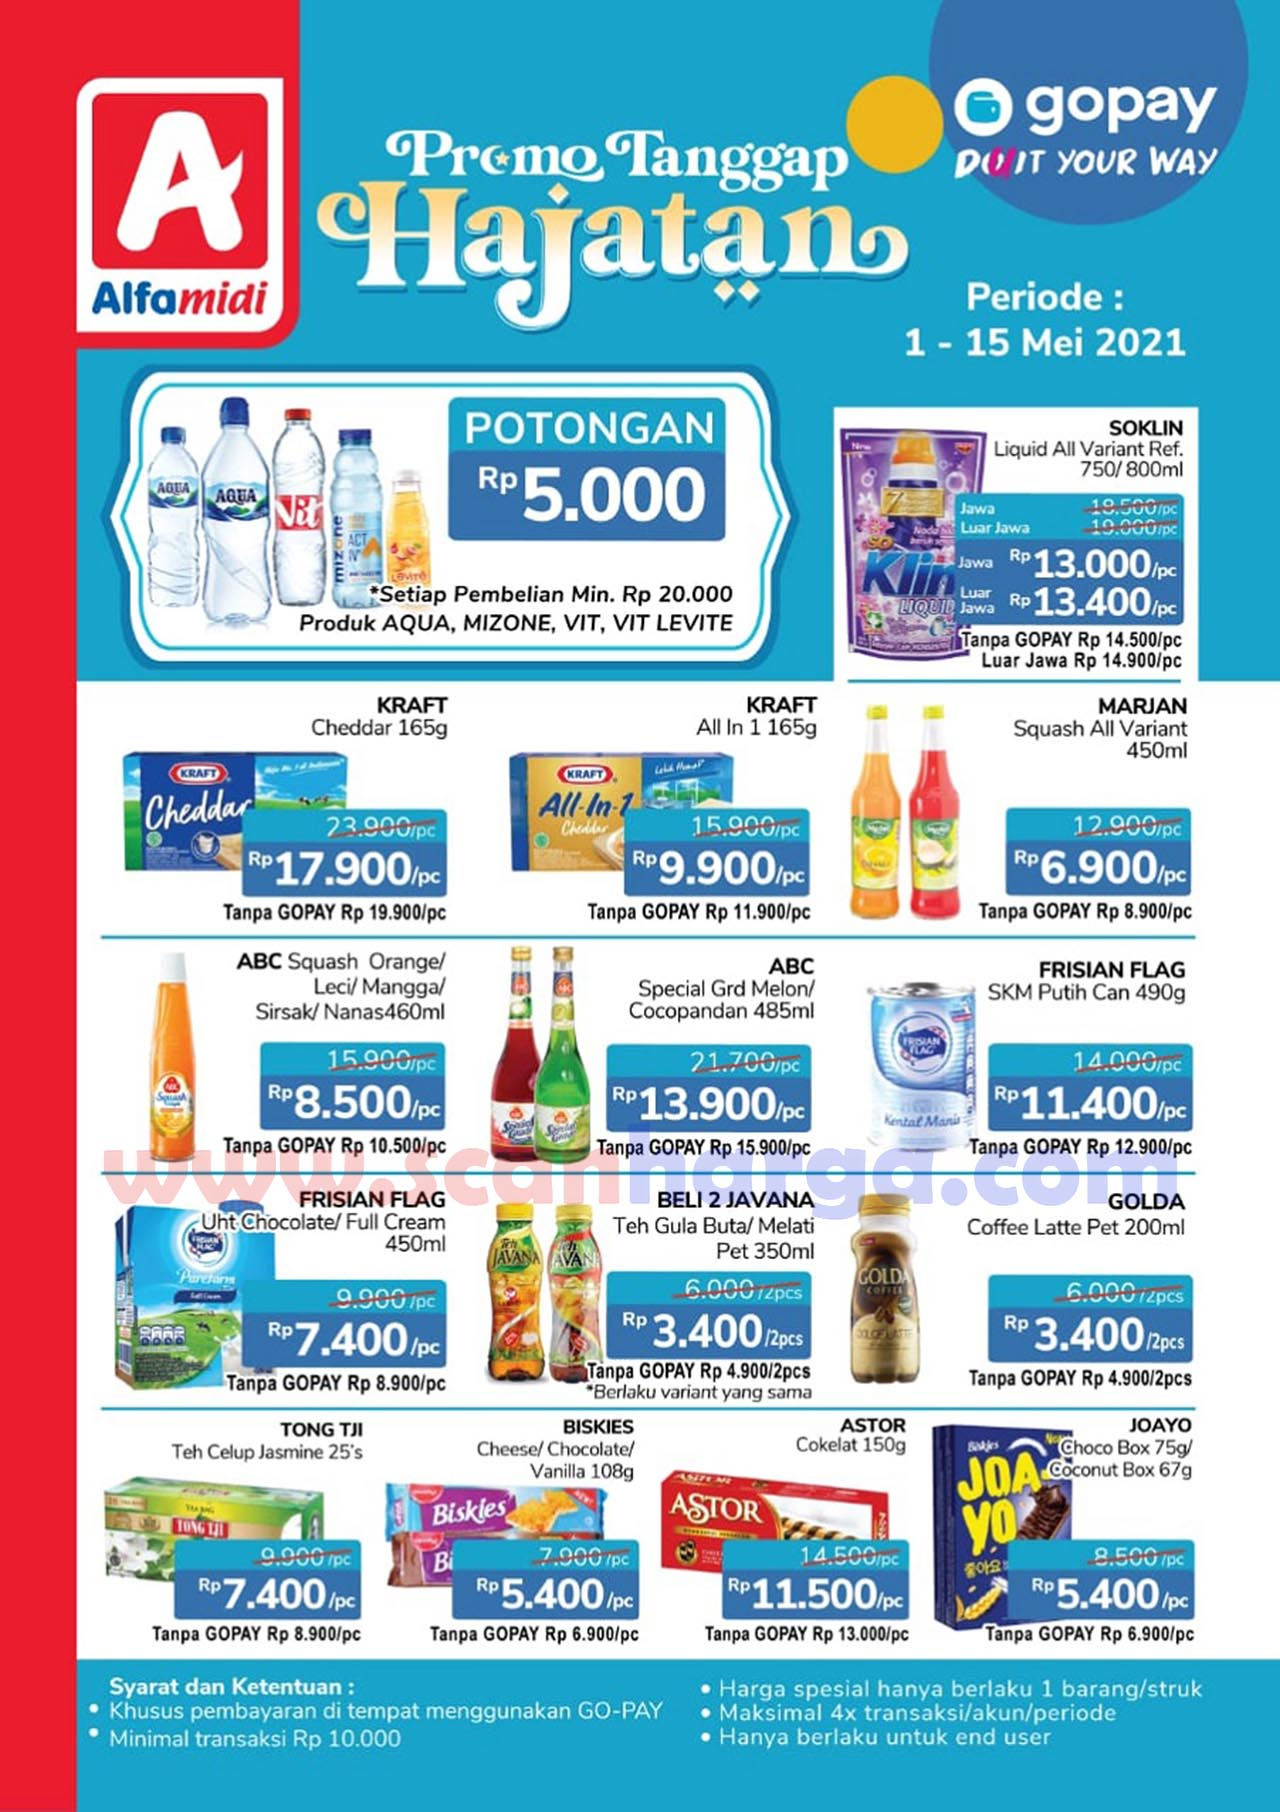 Promo Alfamidi Hajatan GOPAY Periode 1 - 15 Mei 2021 2